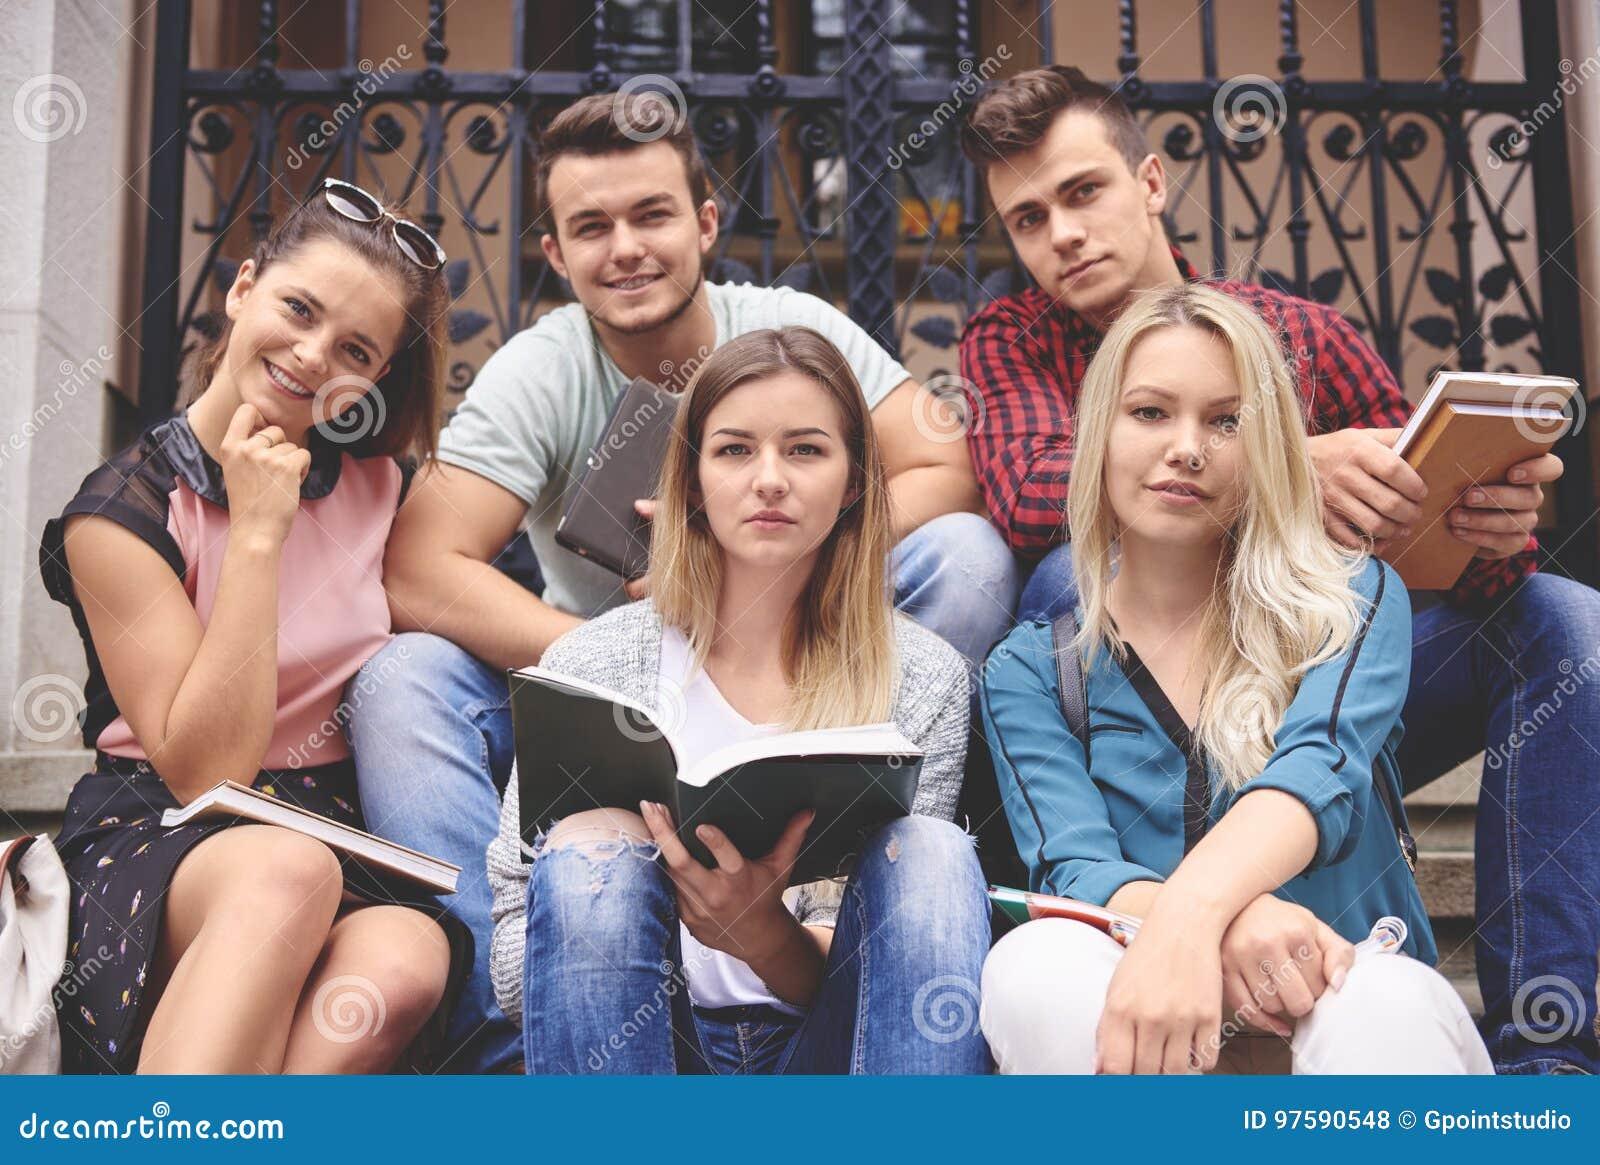 Sundents en la universidad